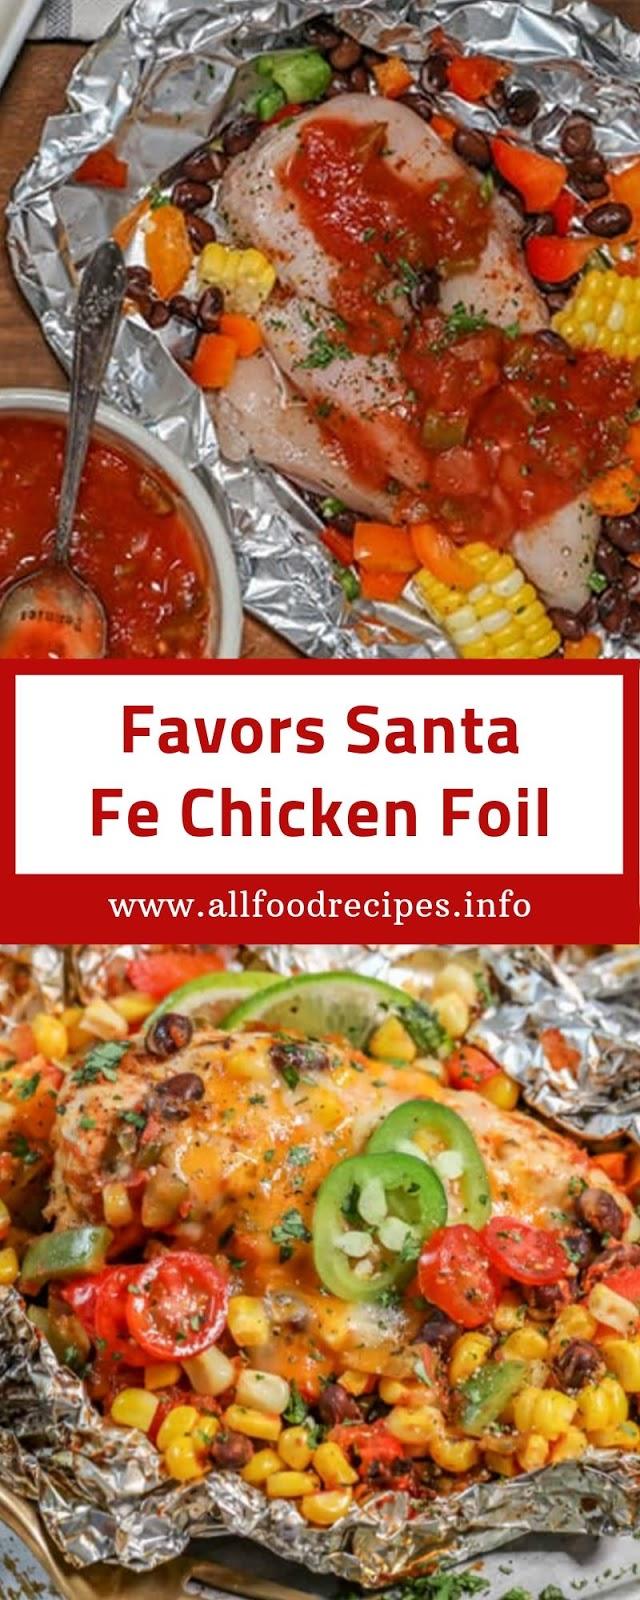 Favors Santa Fe Chicken Foil